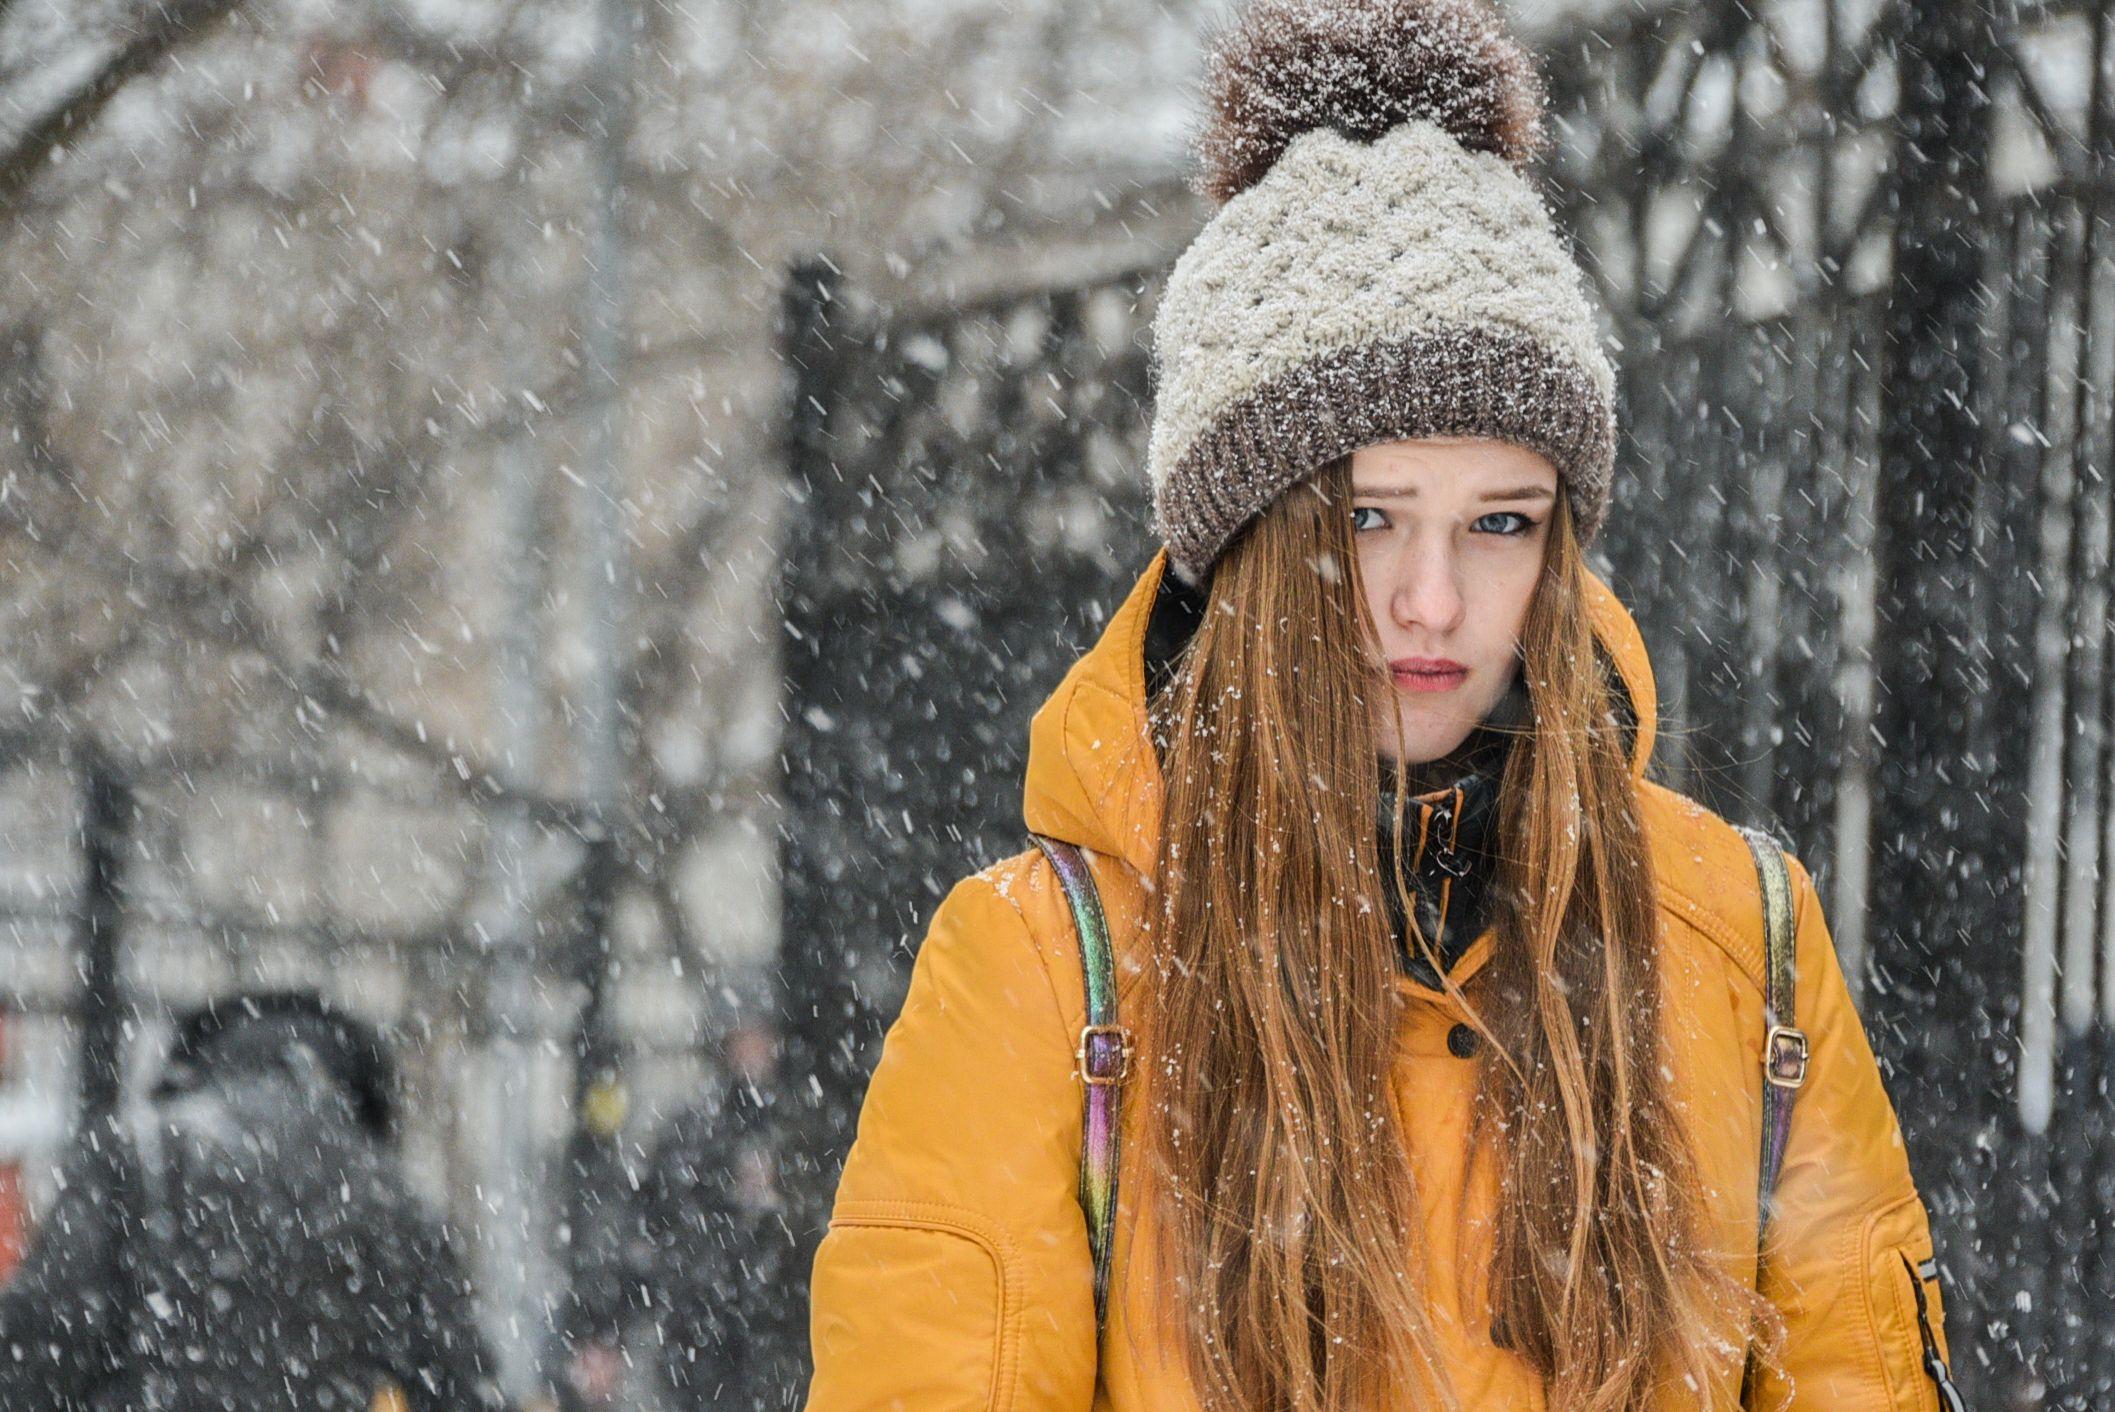 Москвичам пообещали январь из ТОП-20 по снегопадам